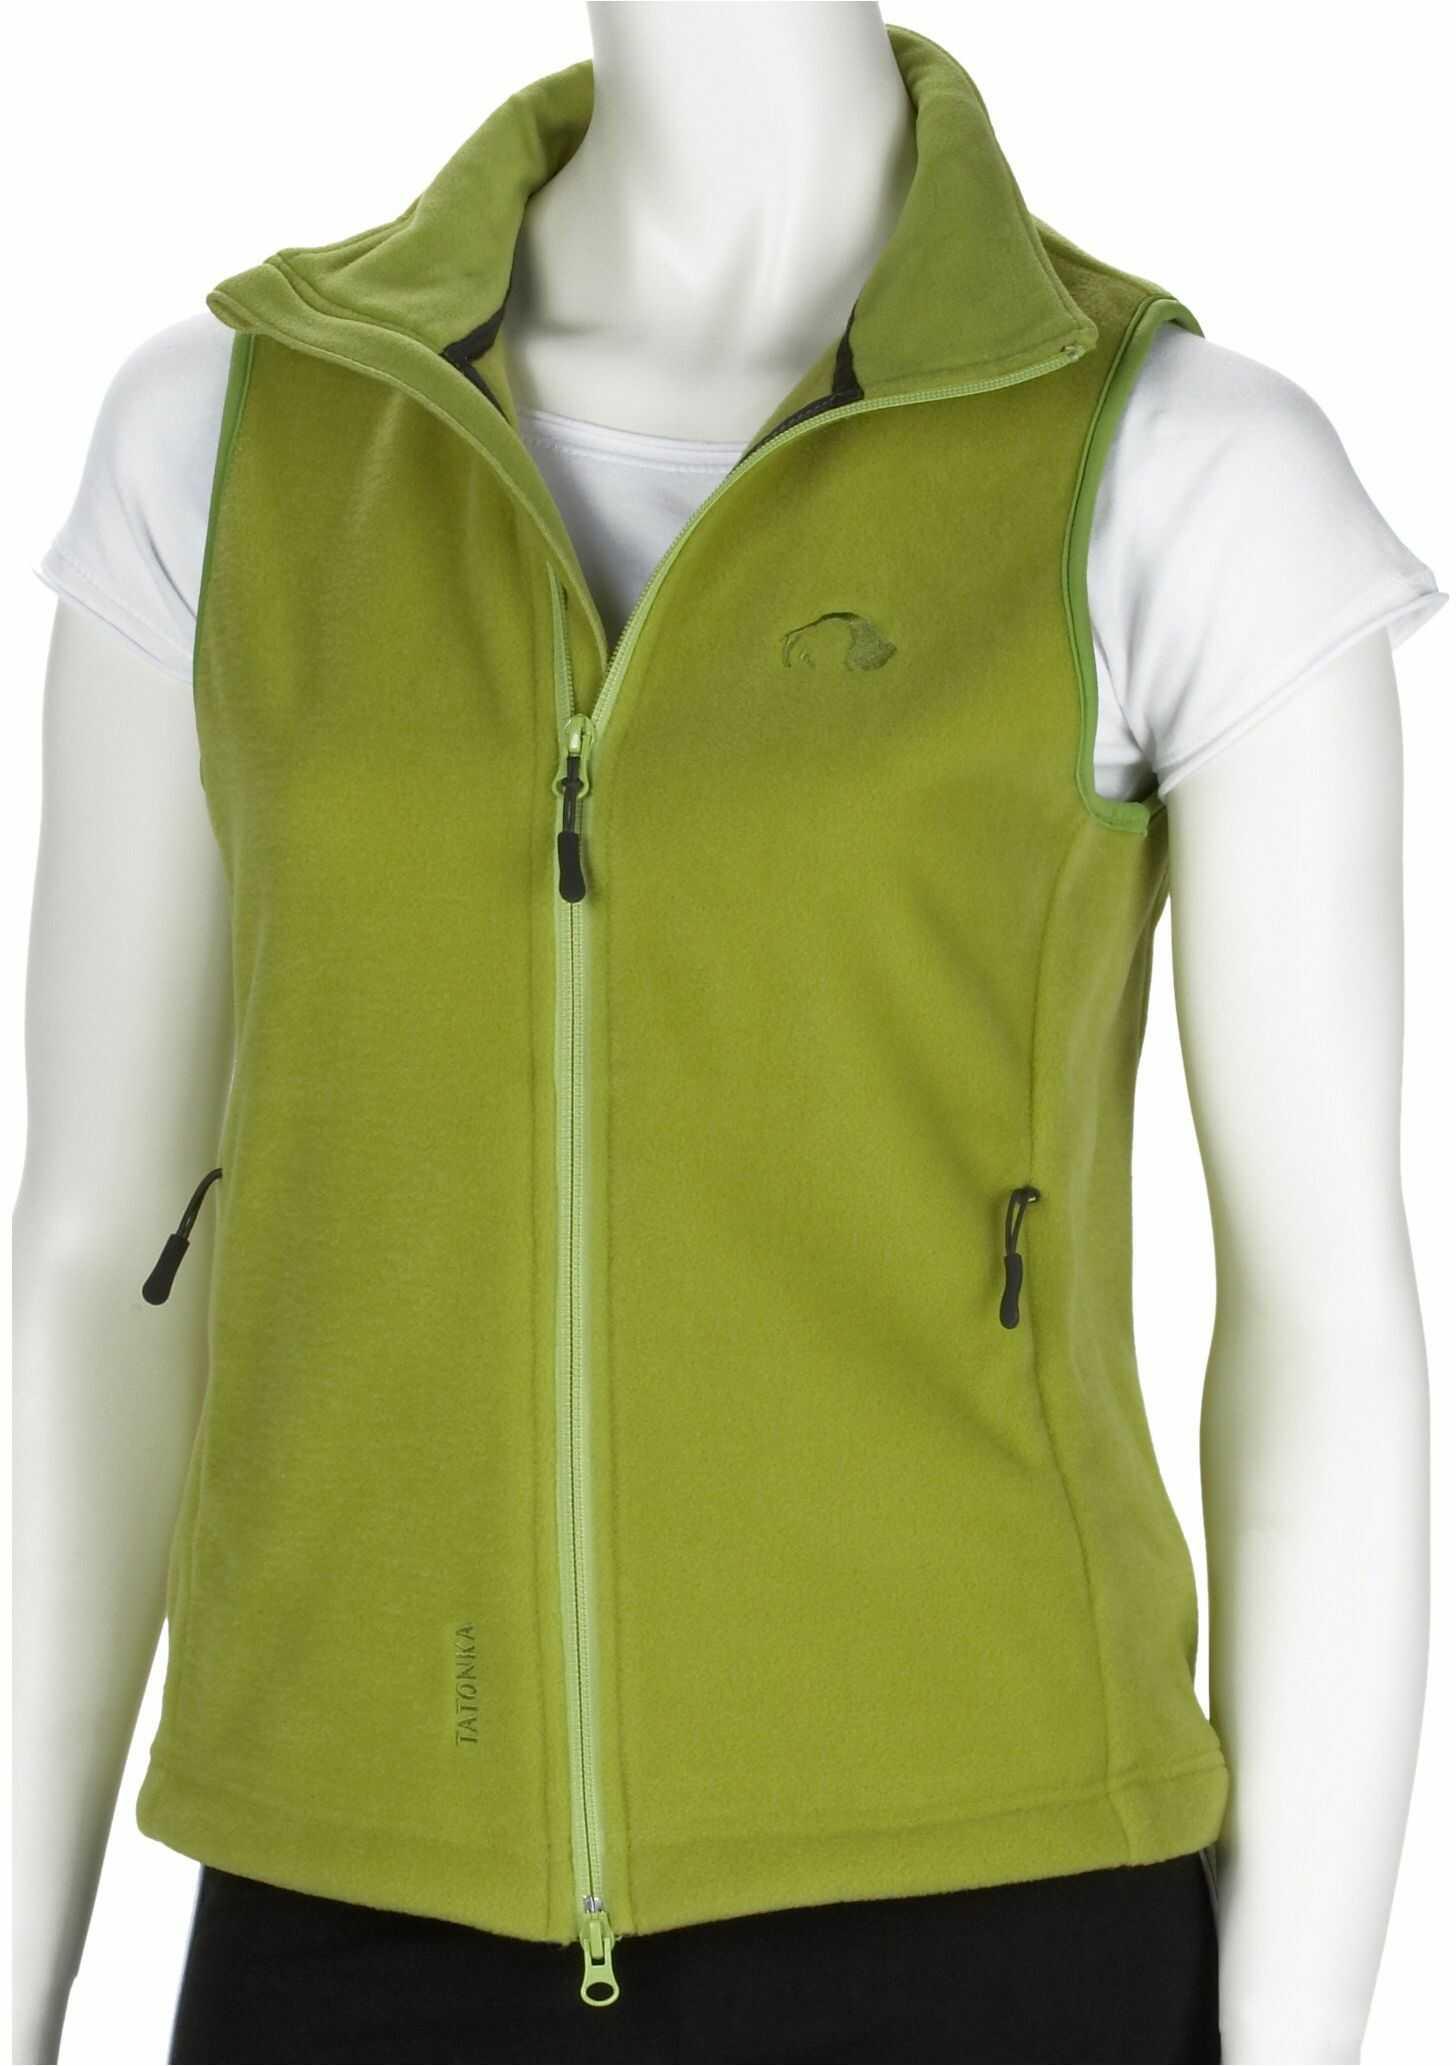 """Tatonka Essential damska kamizelka polarowa""""Montrose Lady Vest"""" z polaru, rozm. 36, zielona oasis"""